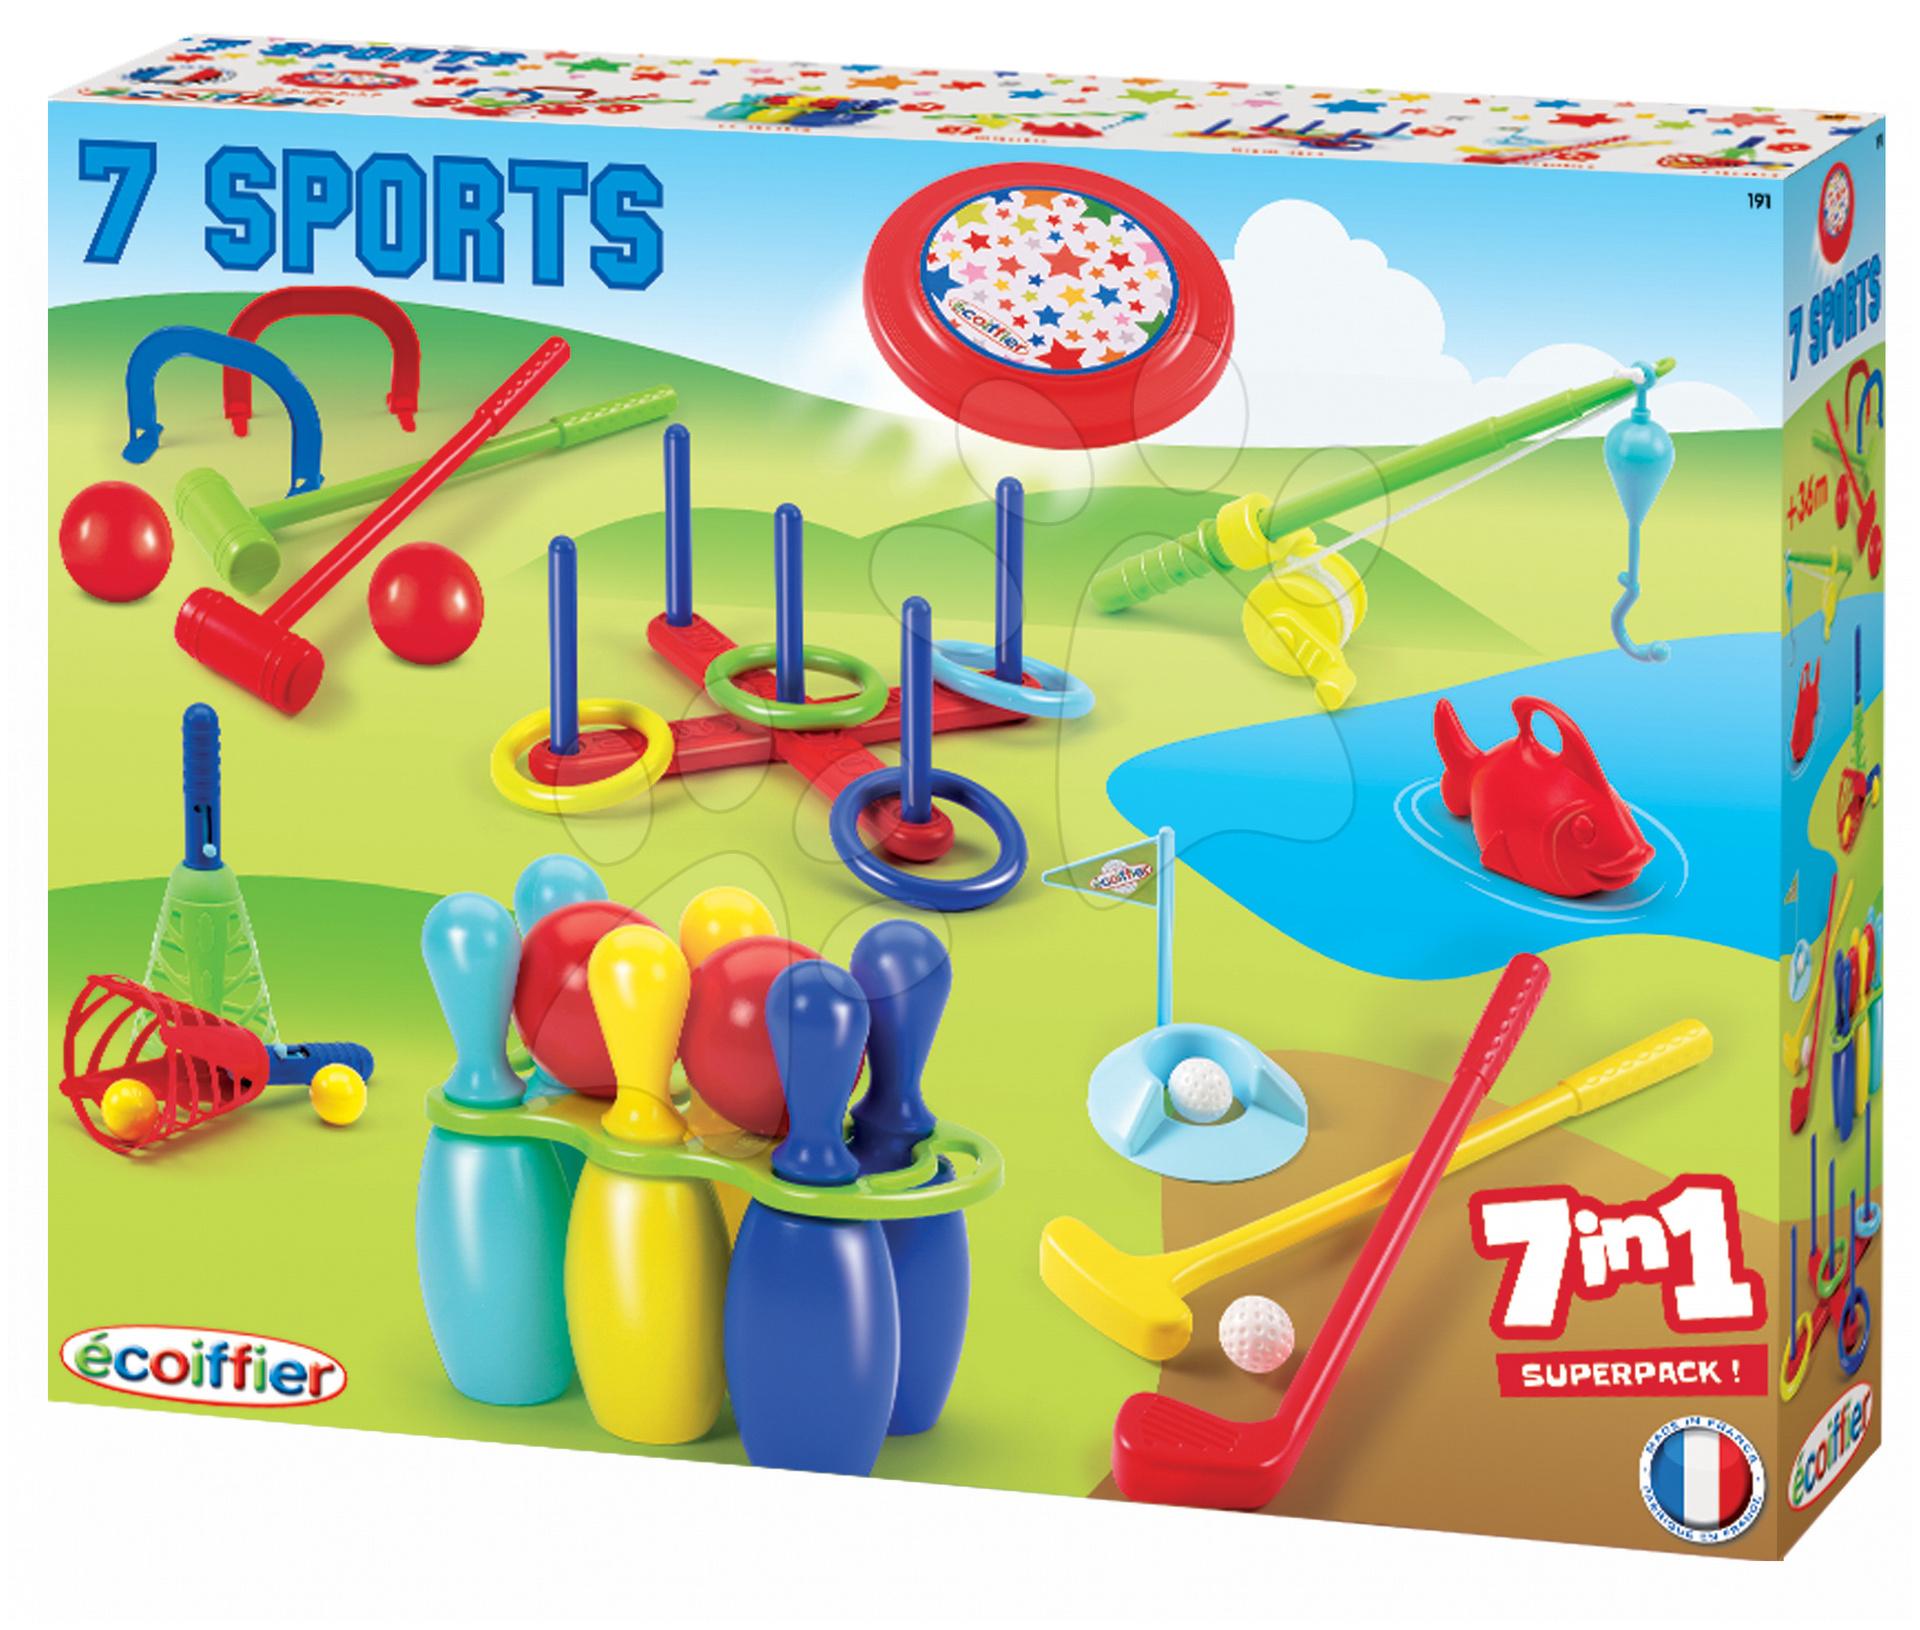 Sportovní set 7 her Jardin Saisons Écoiffier